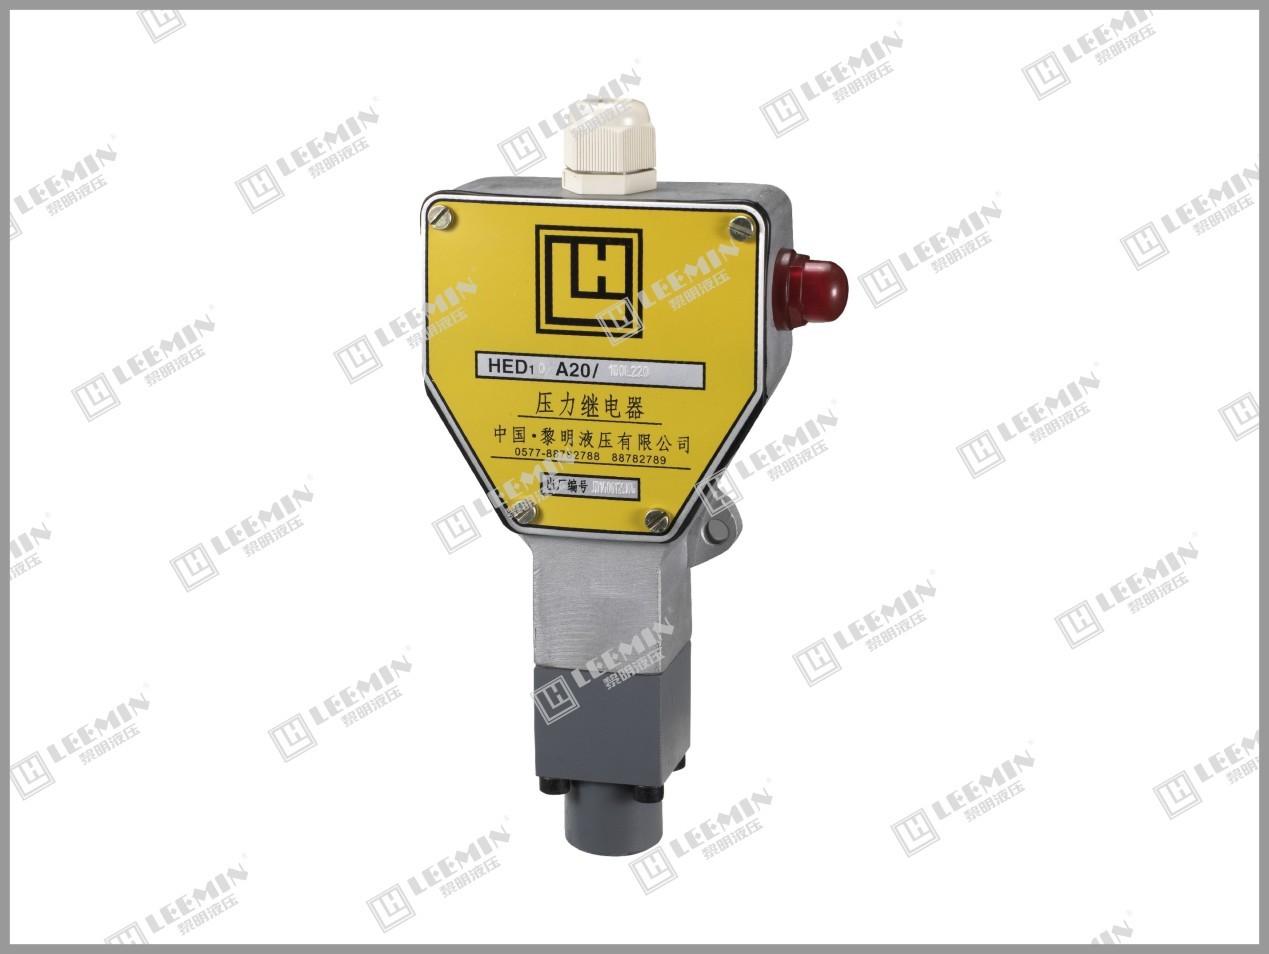 黎明液压 HED1型柱塞压力继电器